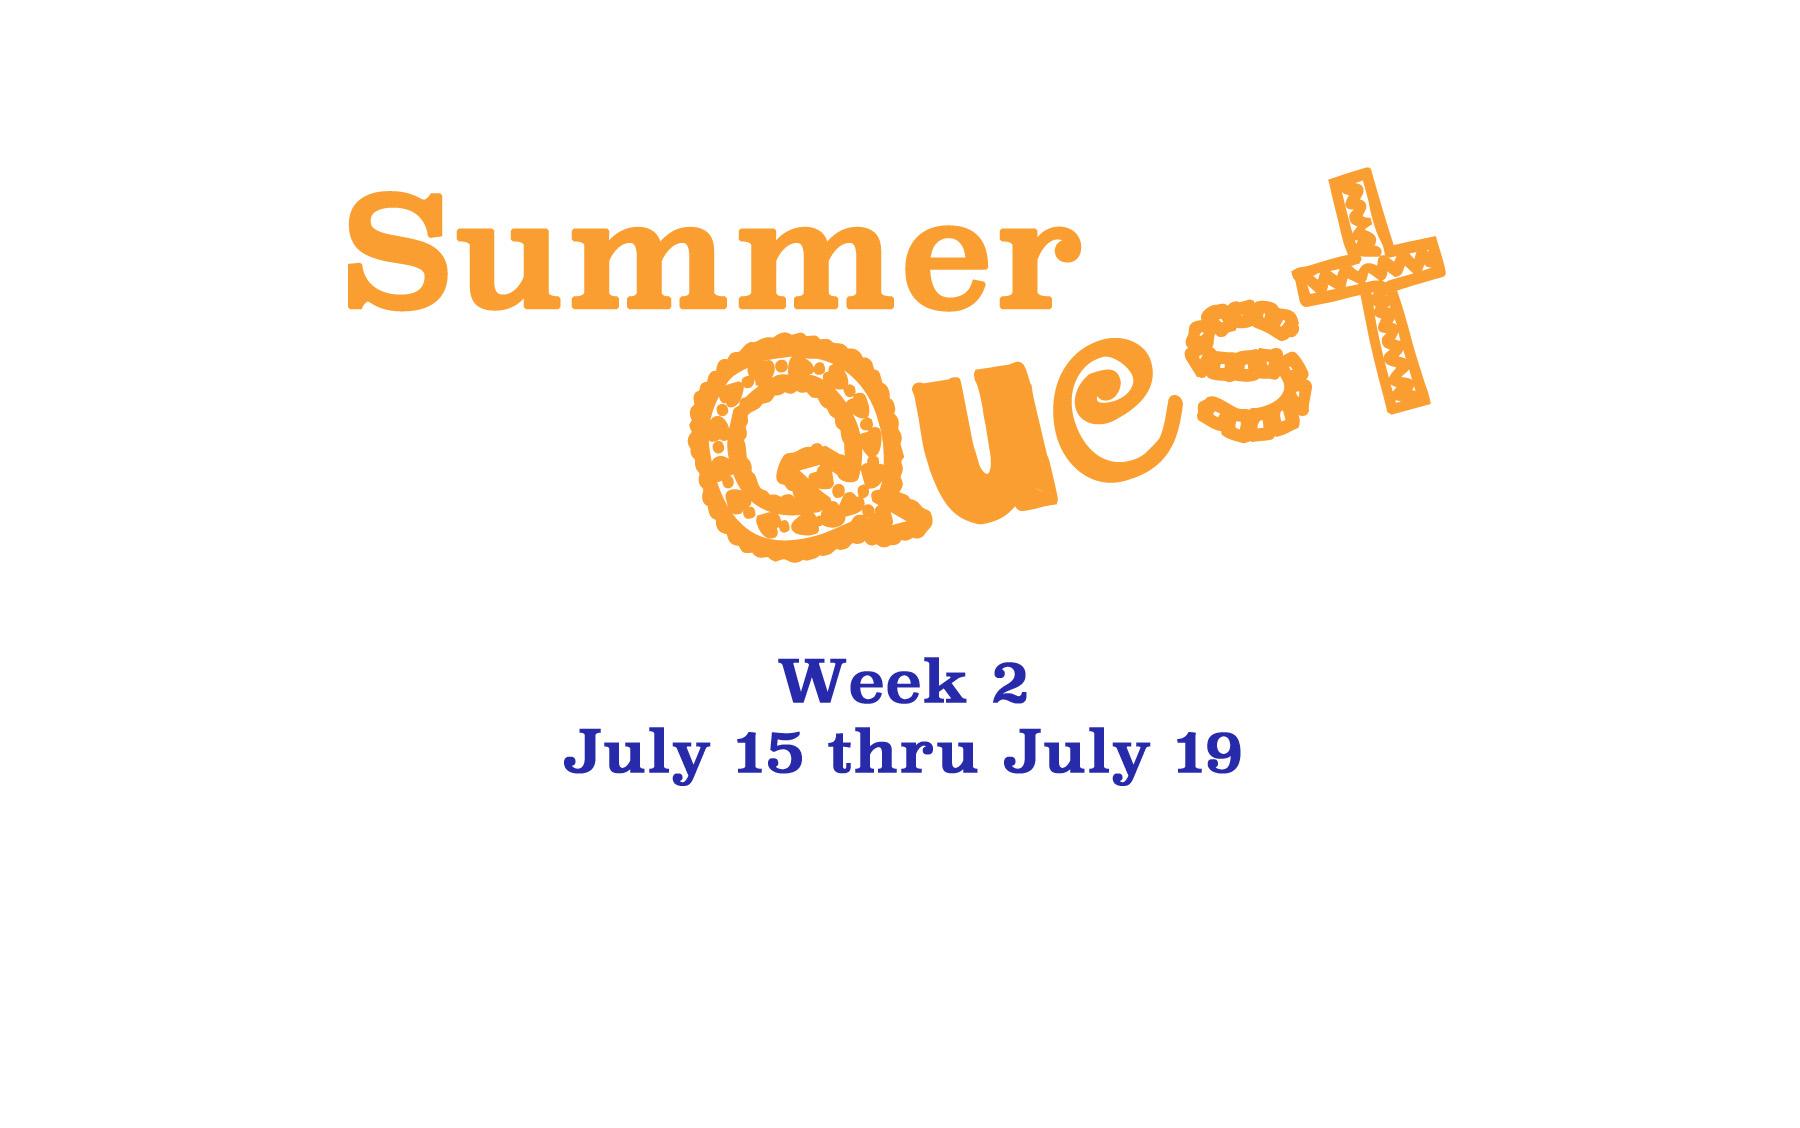 Summer Quest Logo_week 2 2019.jpg